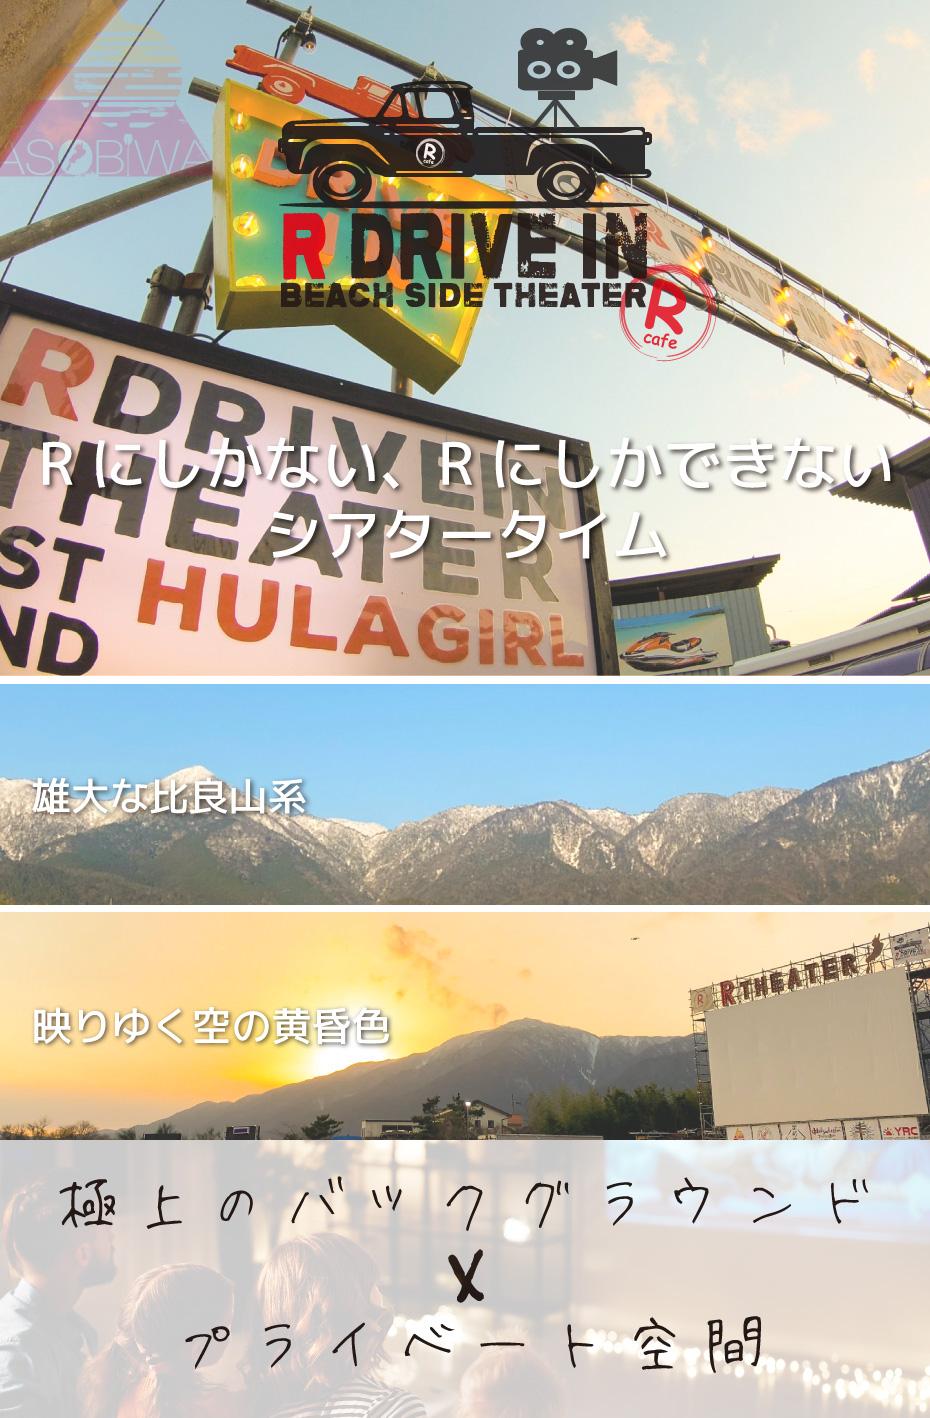 滋賀 琵琶湖畔にあるハワイアン・カフェ「R cafe」でドライブインシアター開催!